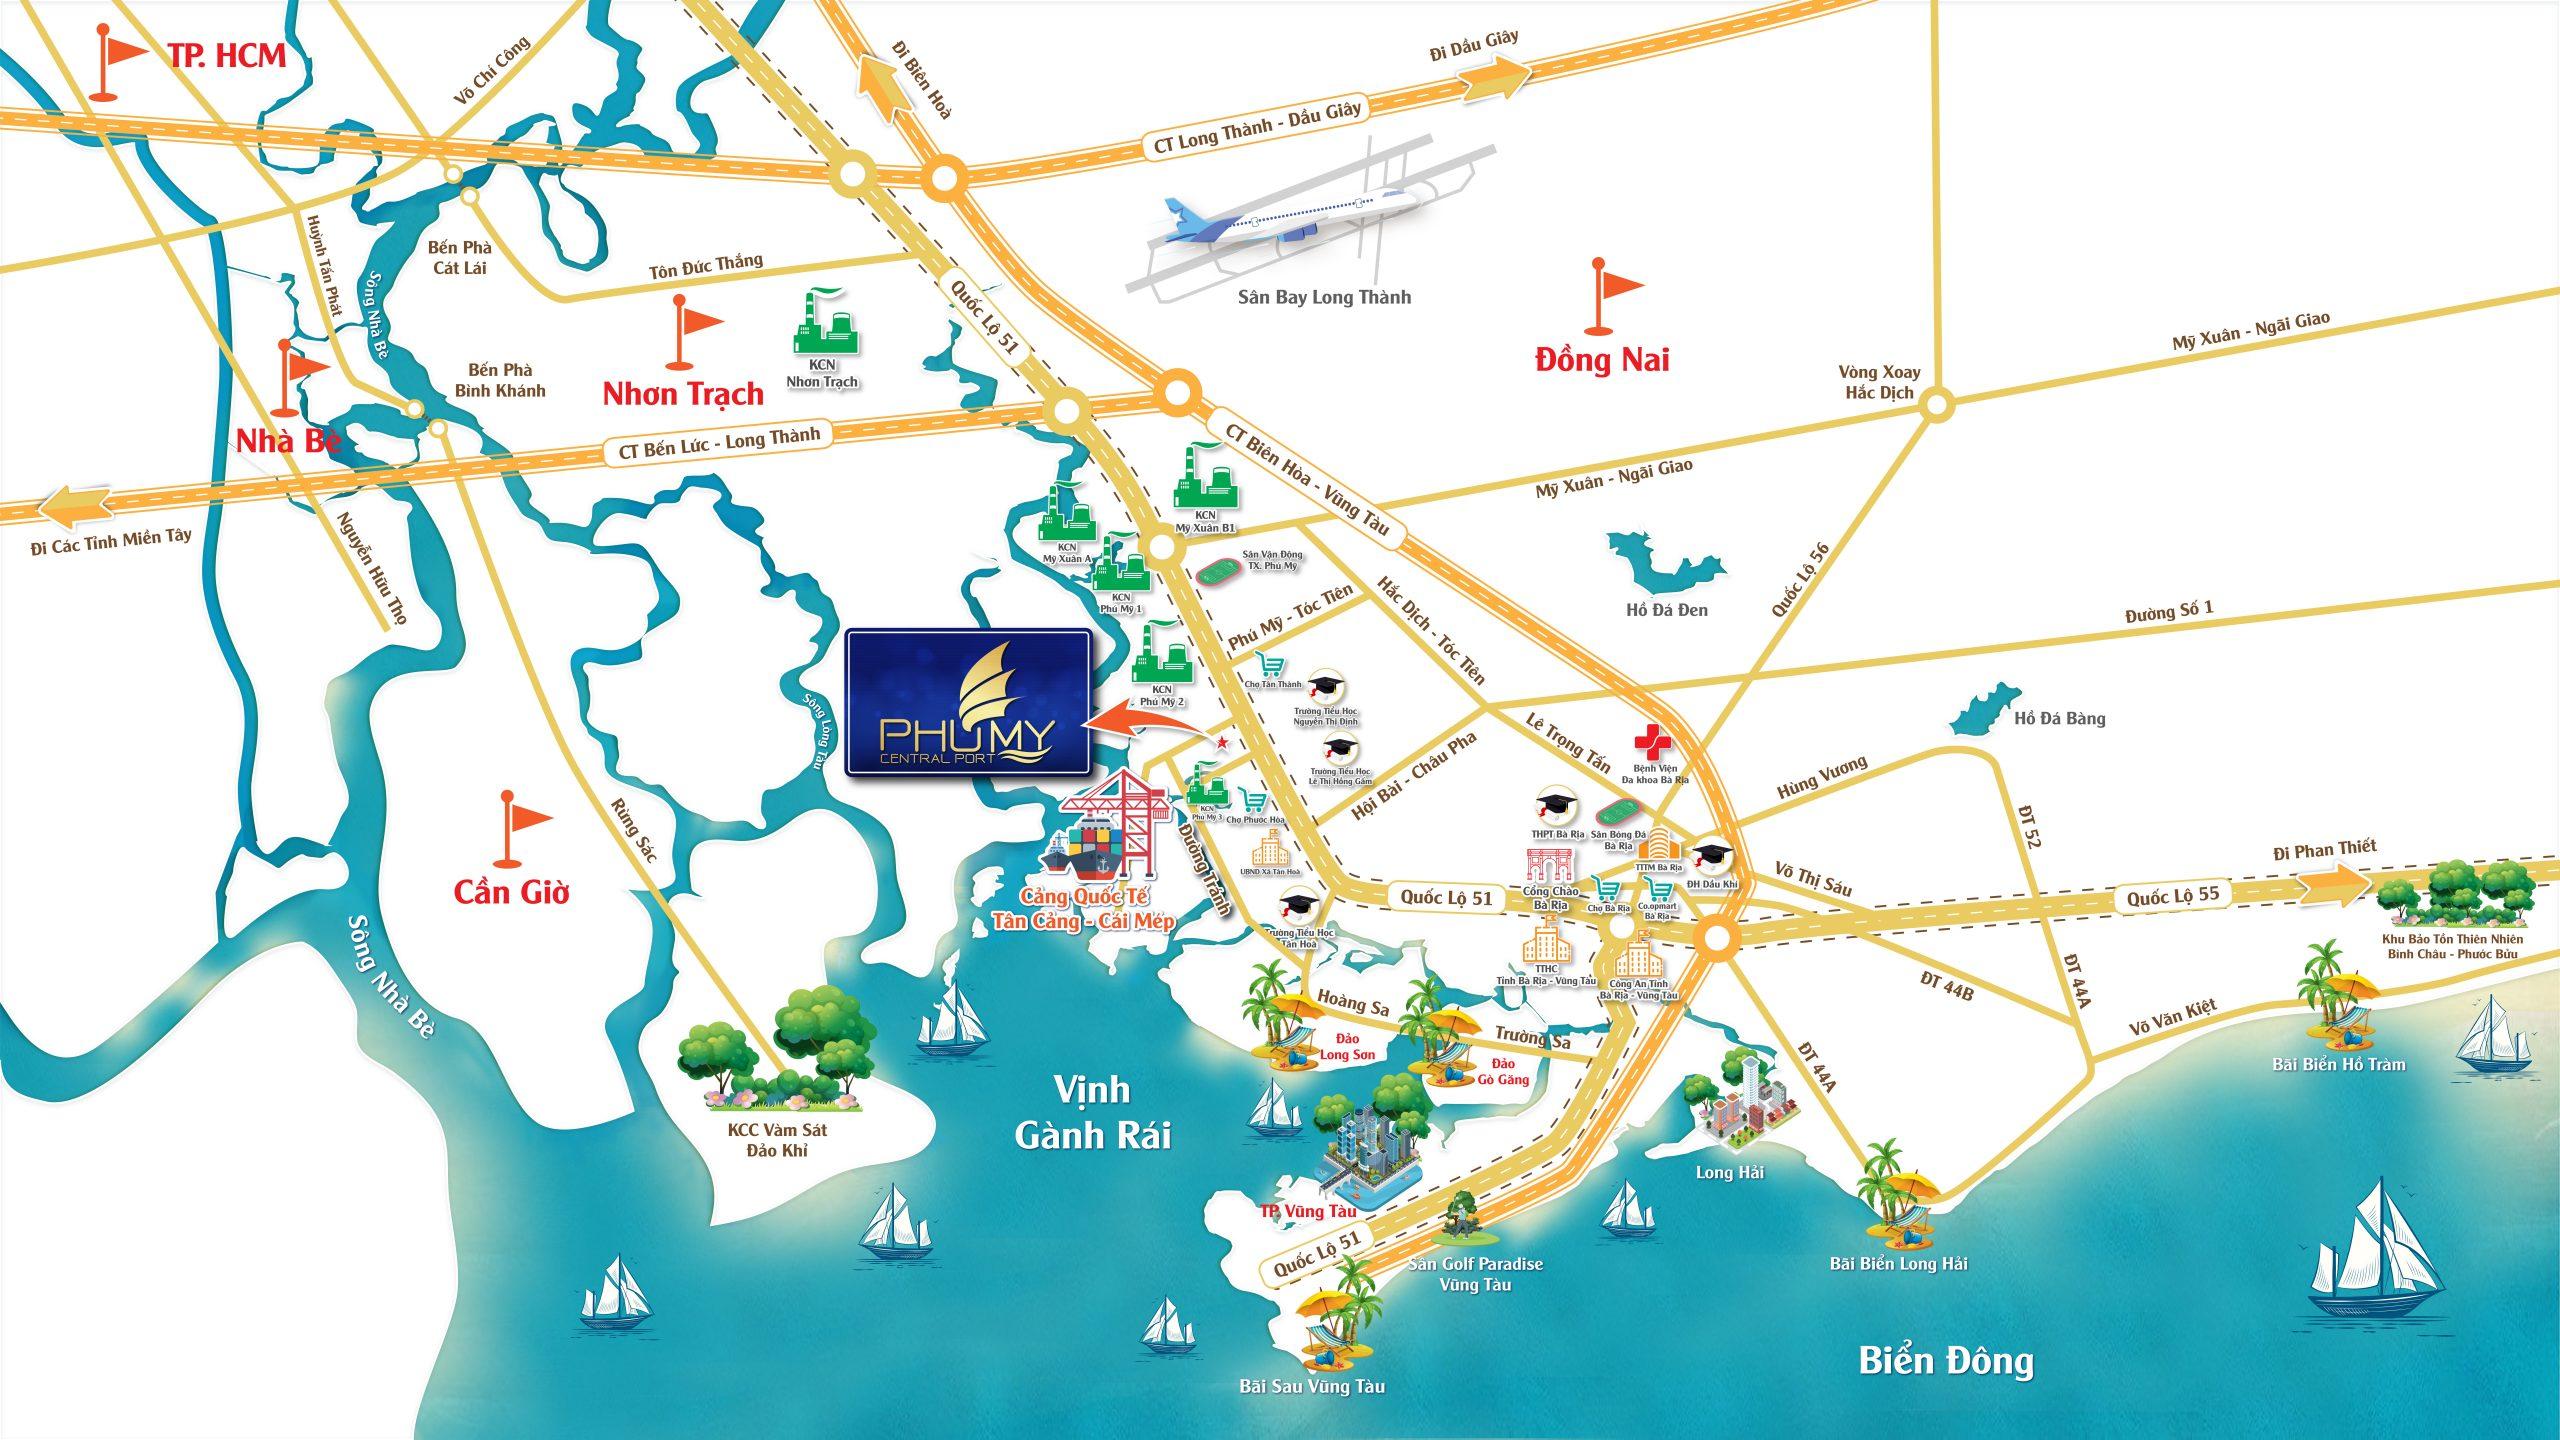 vi tri phu my central port scaled - DỰ ÁN ĐẤT NỀN PHÚ MỸ CENTRAL PORT BÀ RỊA VŨNG TÀU